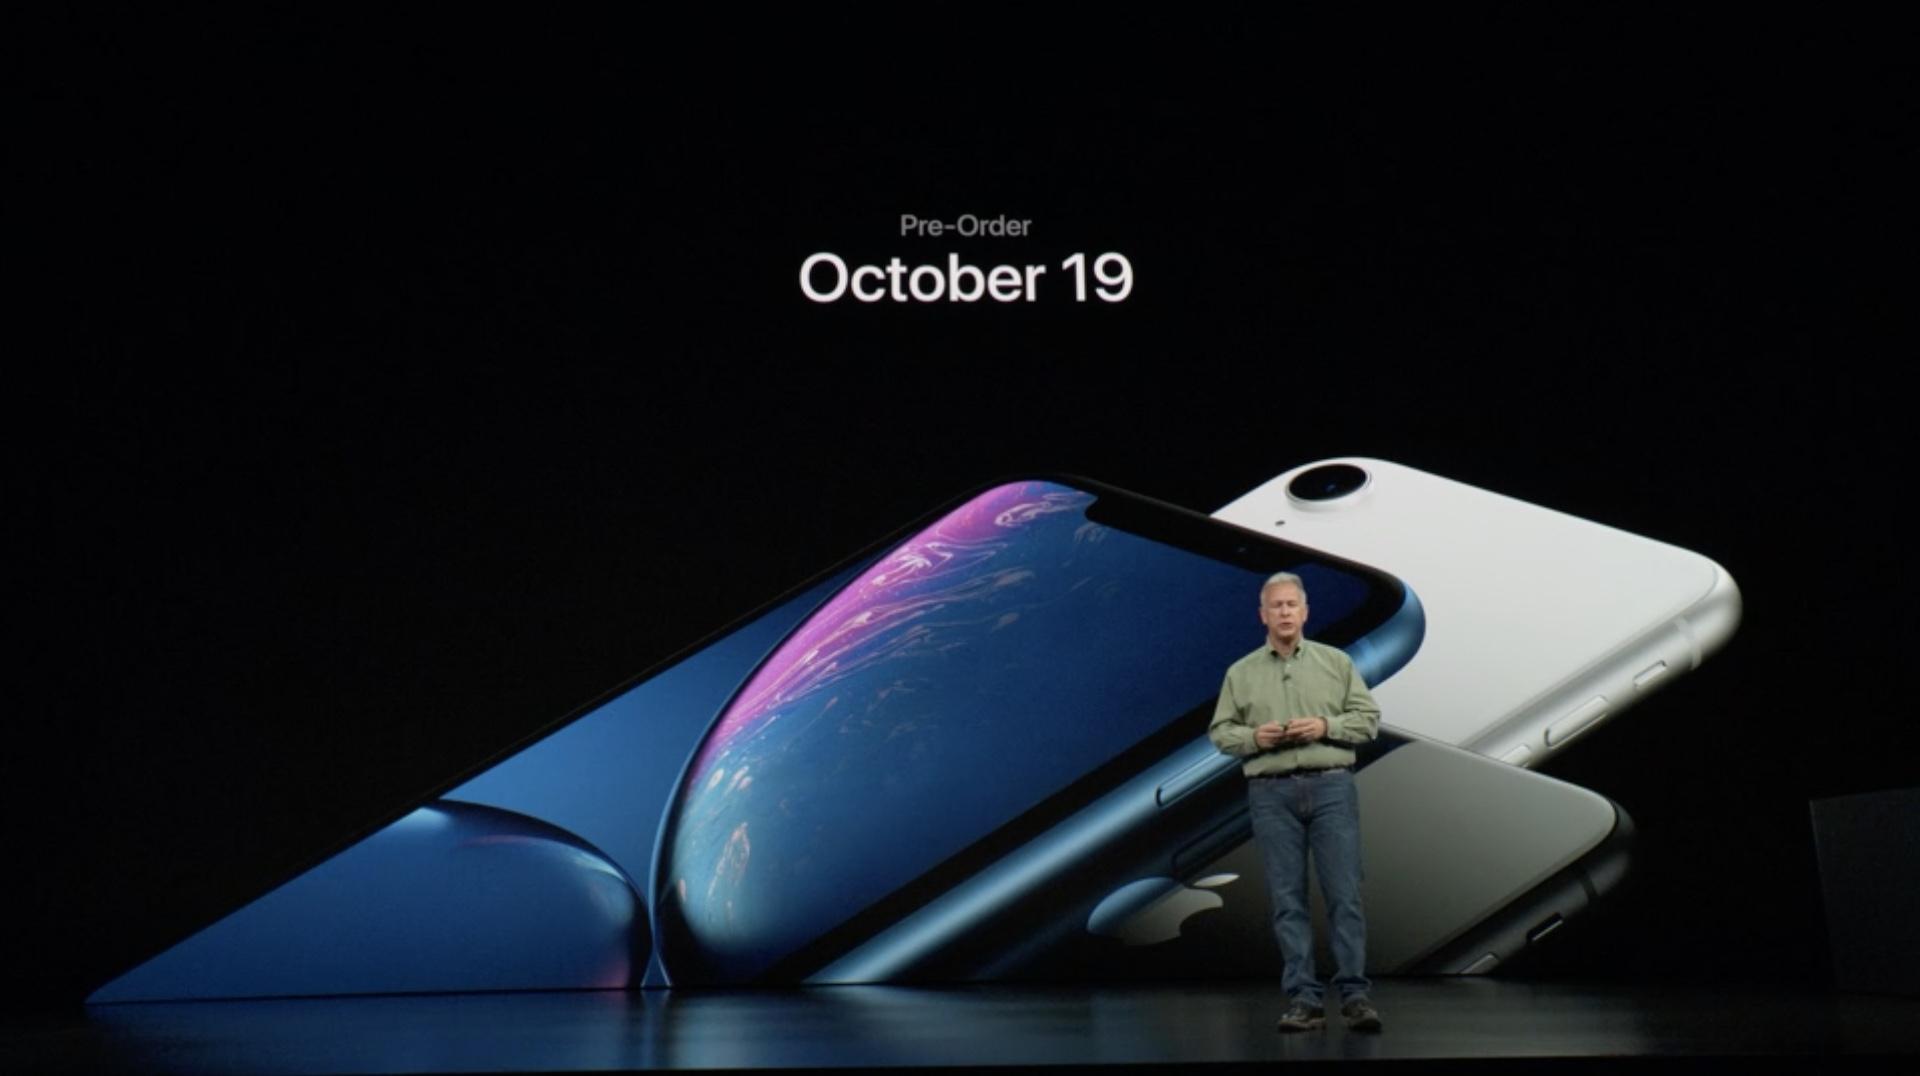 gather-around-apple-event-2018-2753.jpg